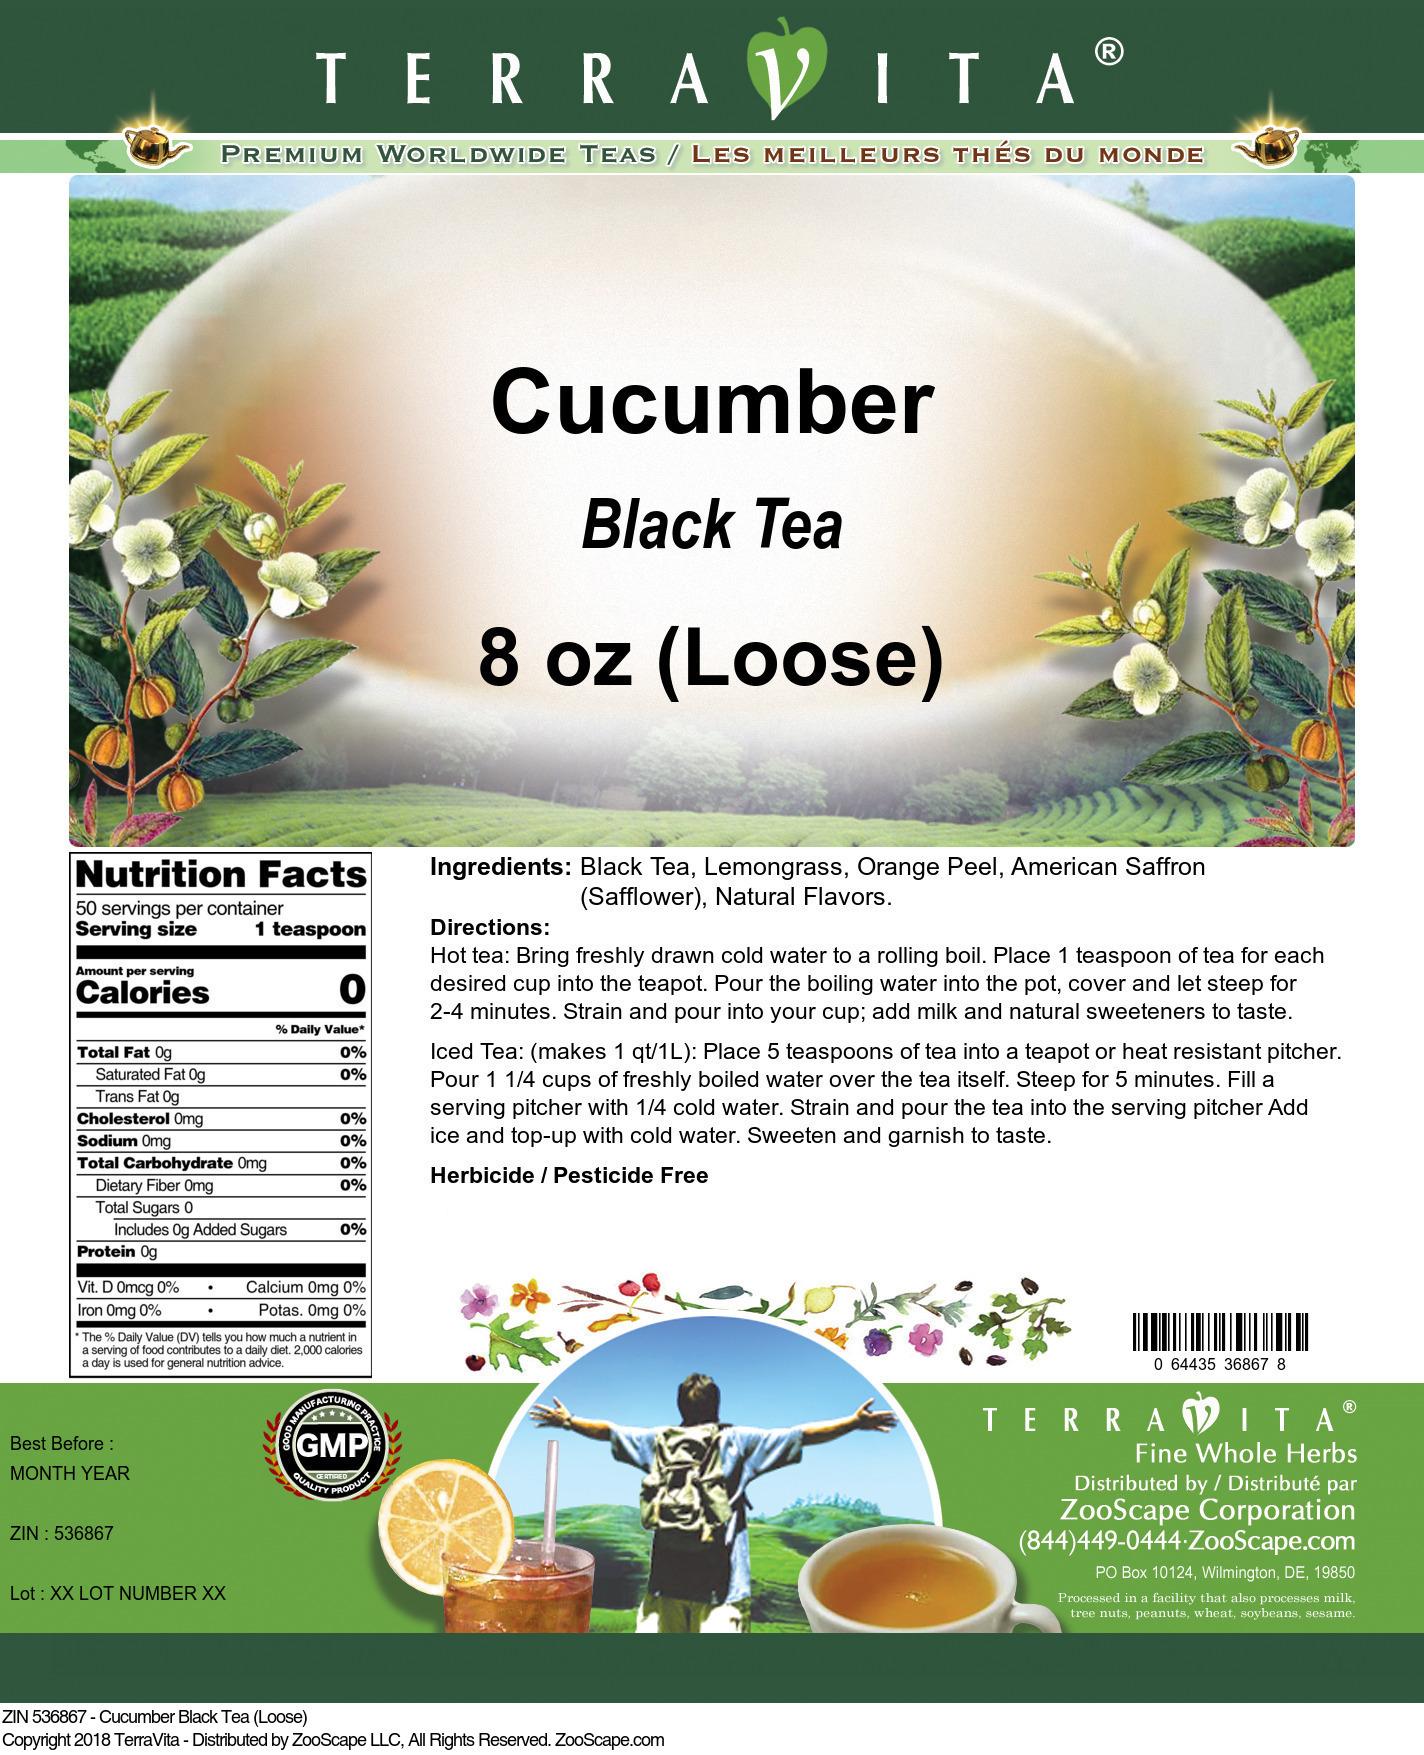 Cucumber Black Tea